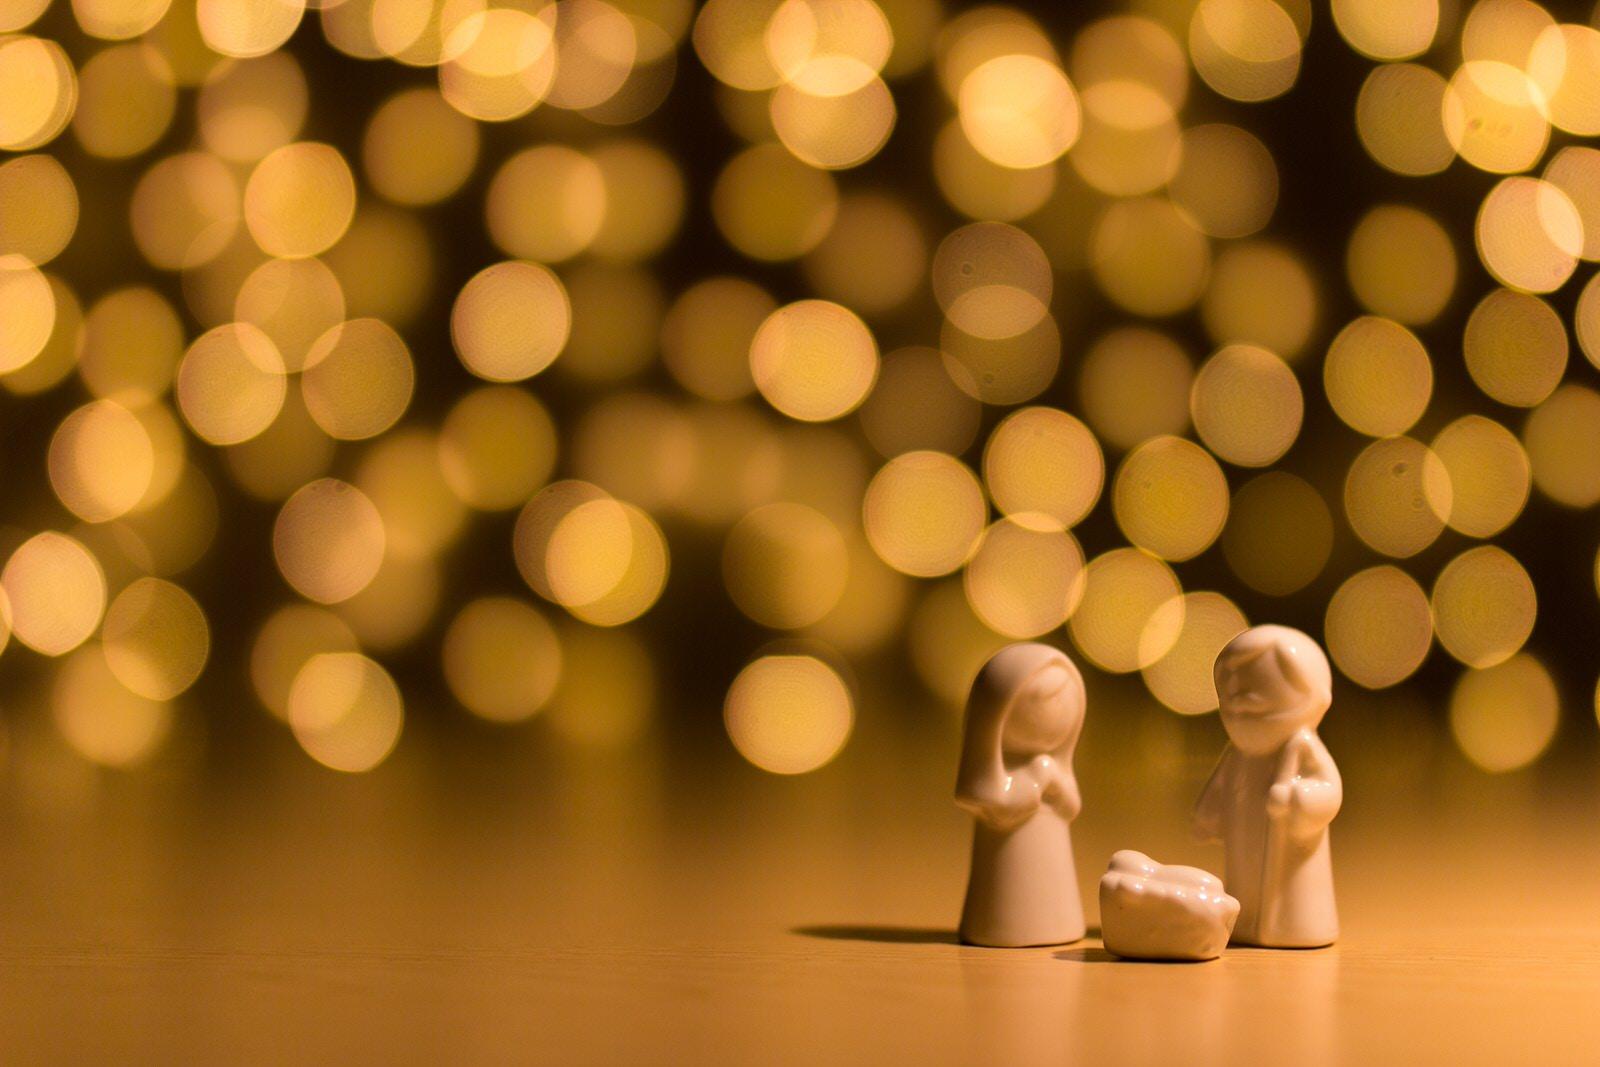 Natale presepe Natività Gesù - Gareth Harper - 175342 Unsplash